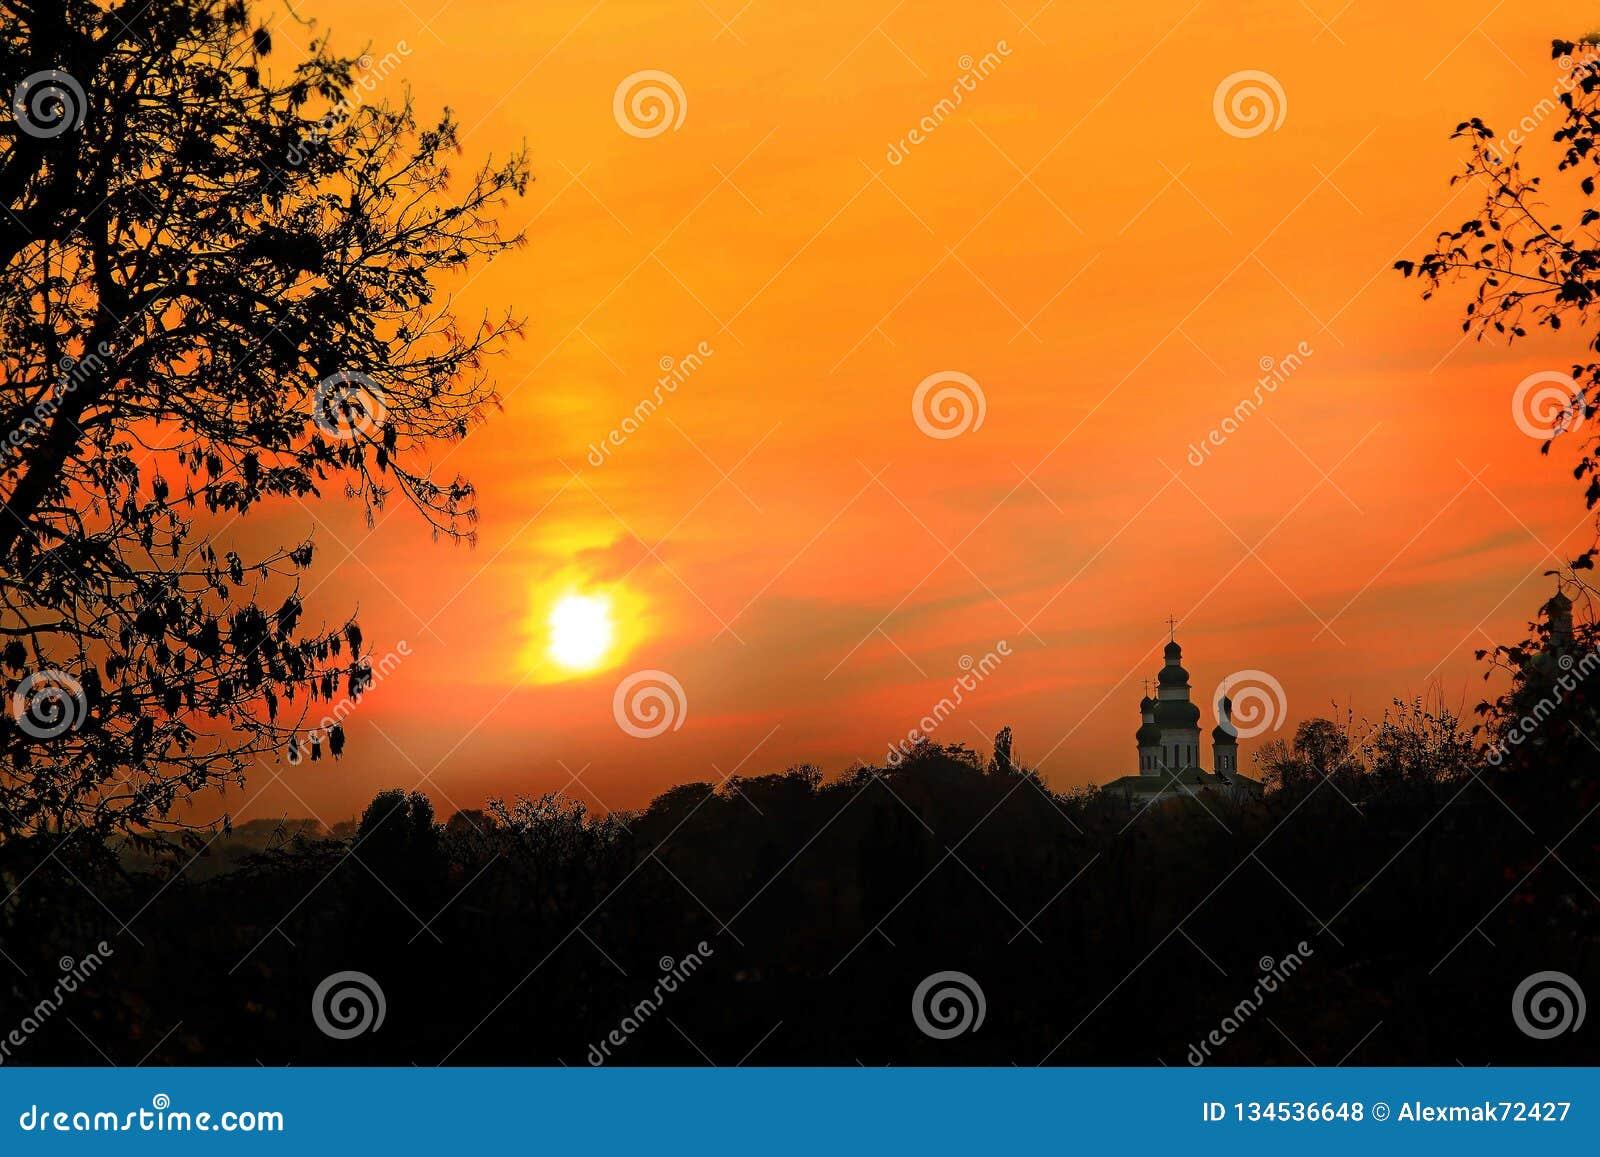 Puesta del sol anaranjada con paisaje de igualación hermoso Crepúsculo con puesta del sol brillante